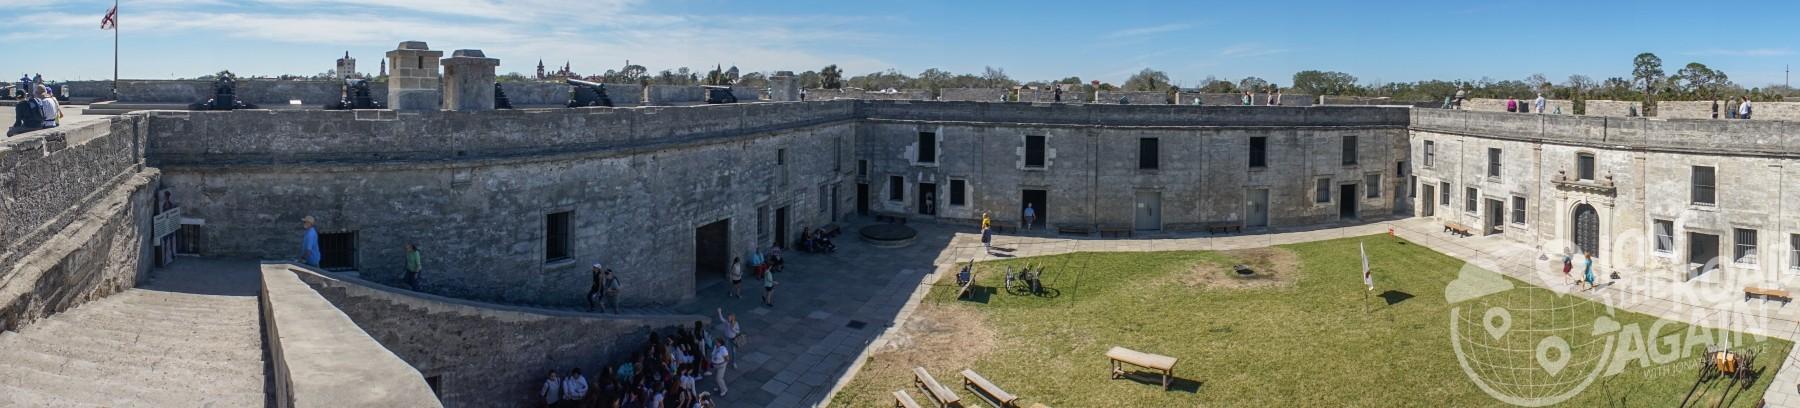 Castillo de San Marcos courtyard